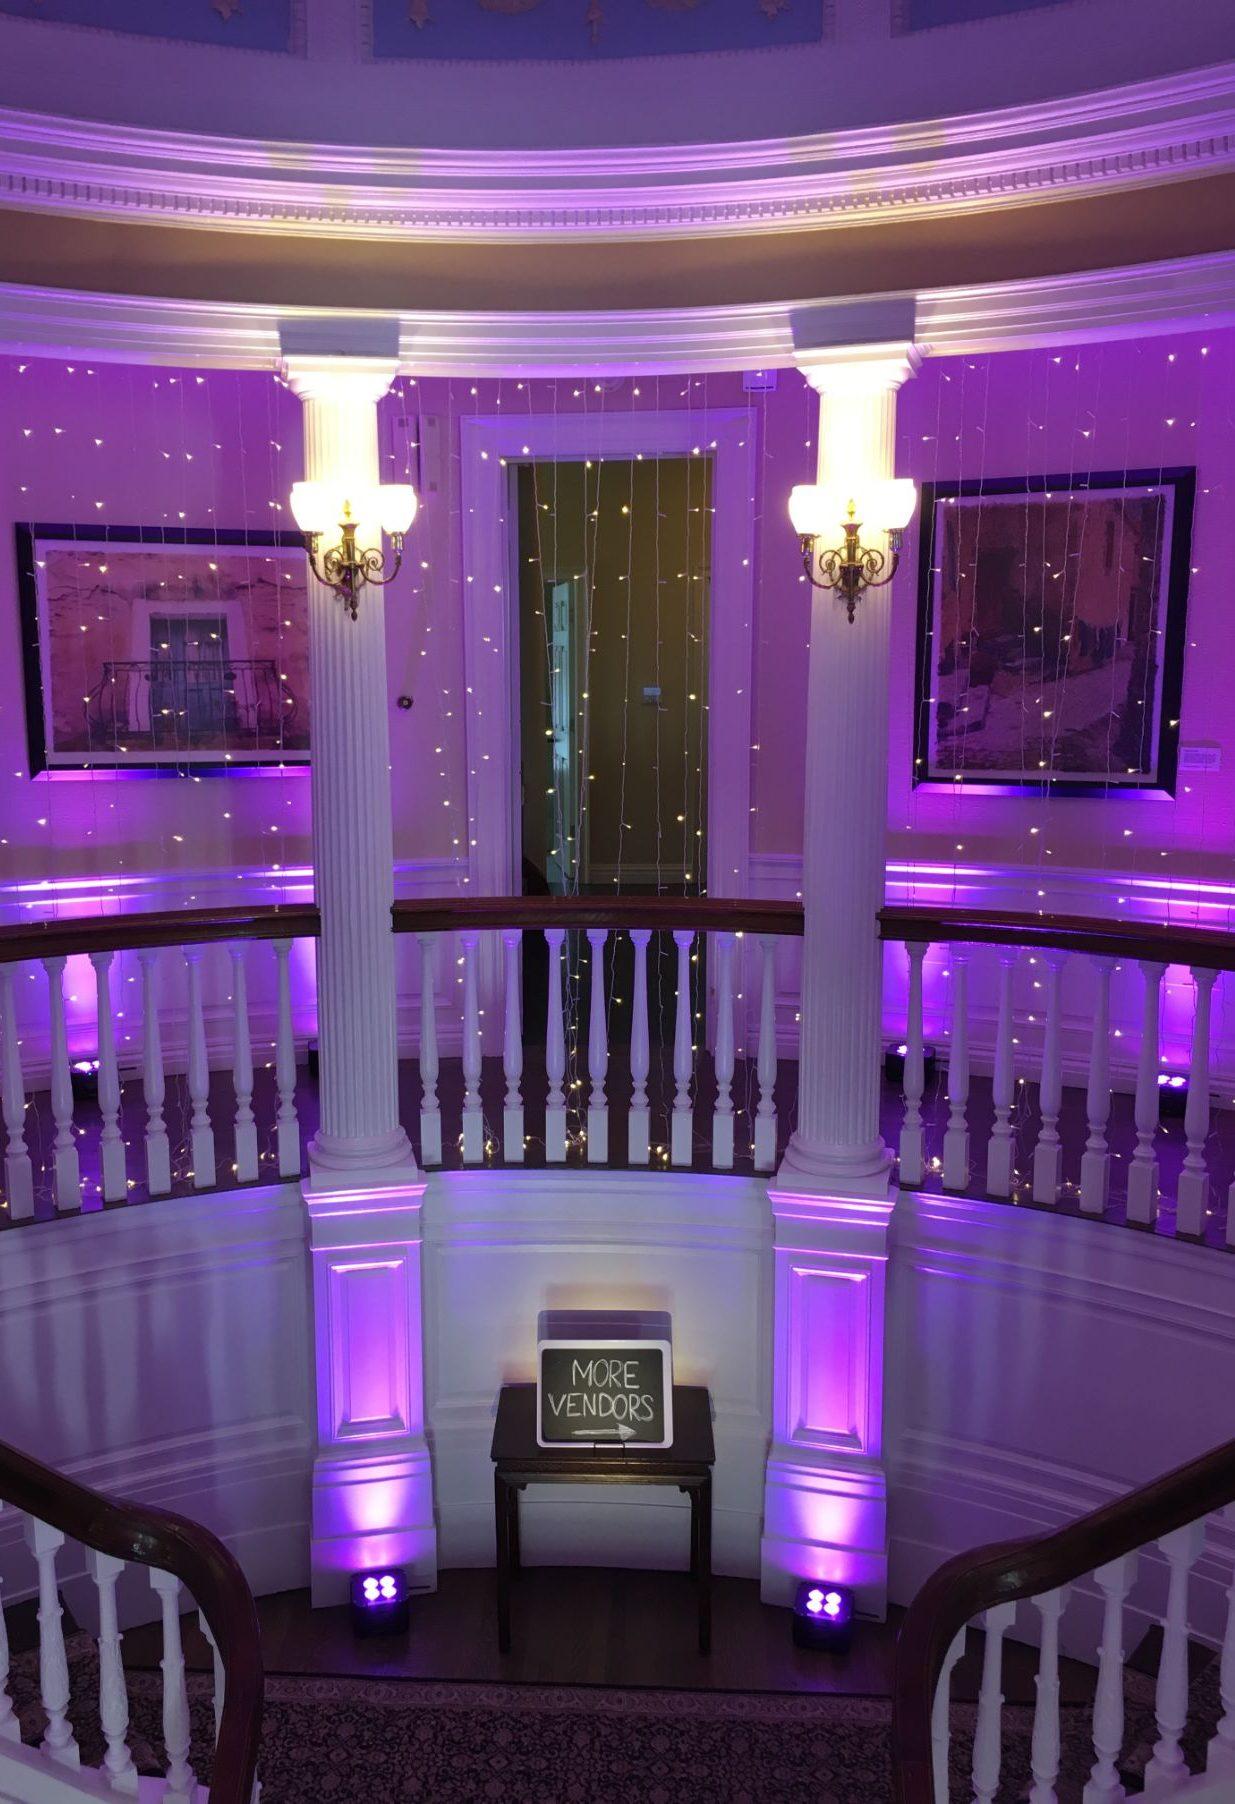 IMG 5573rochester finger lakes wedding dj new york mc wedding planner e1593317046833